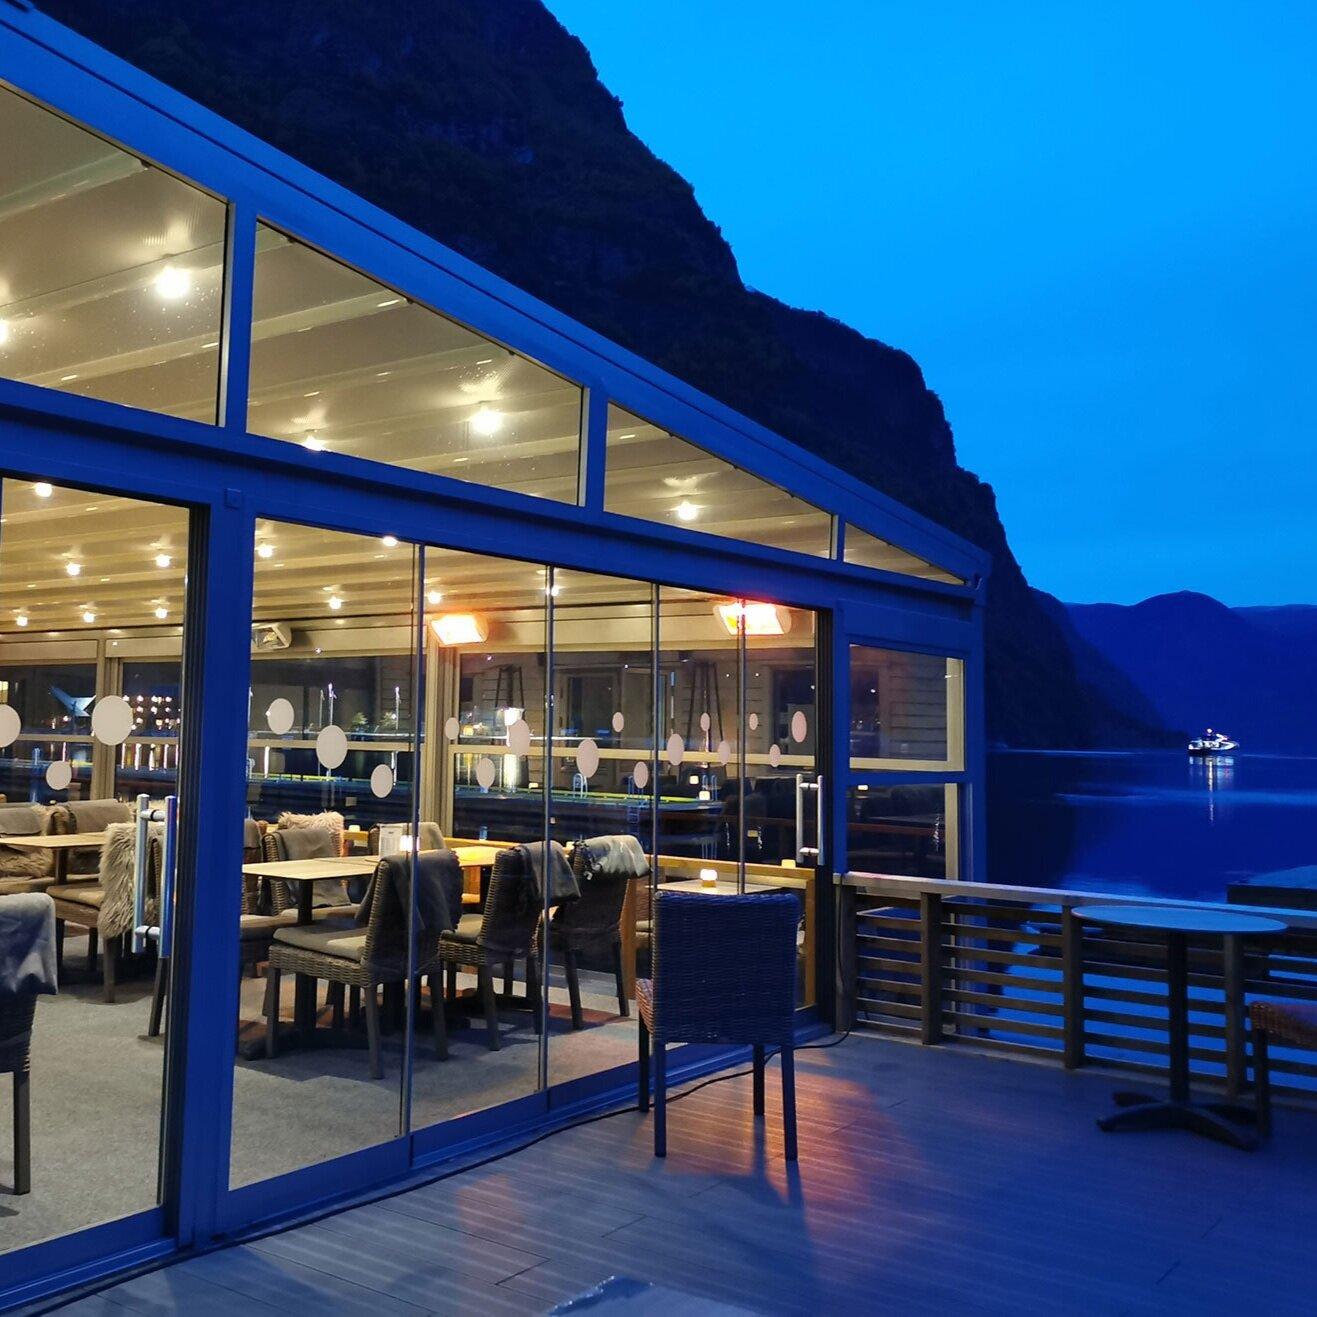 Restaurant_3.jpg